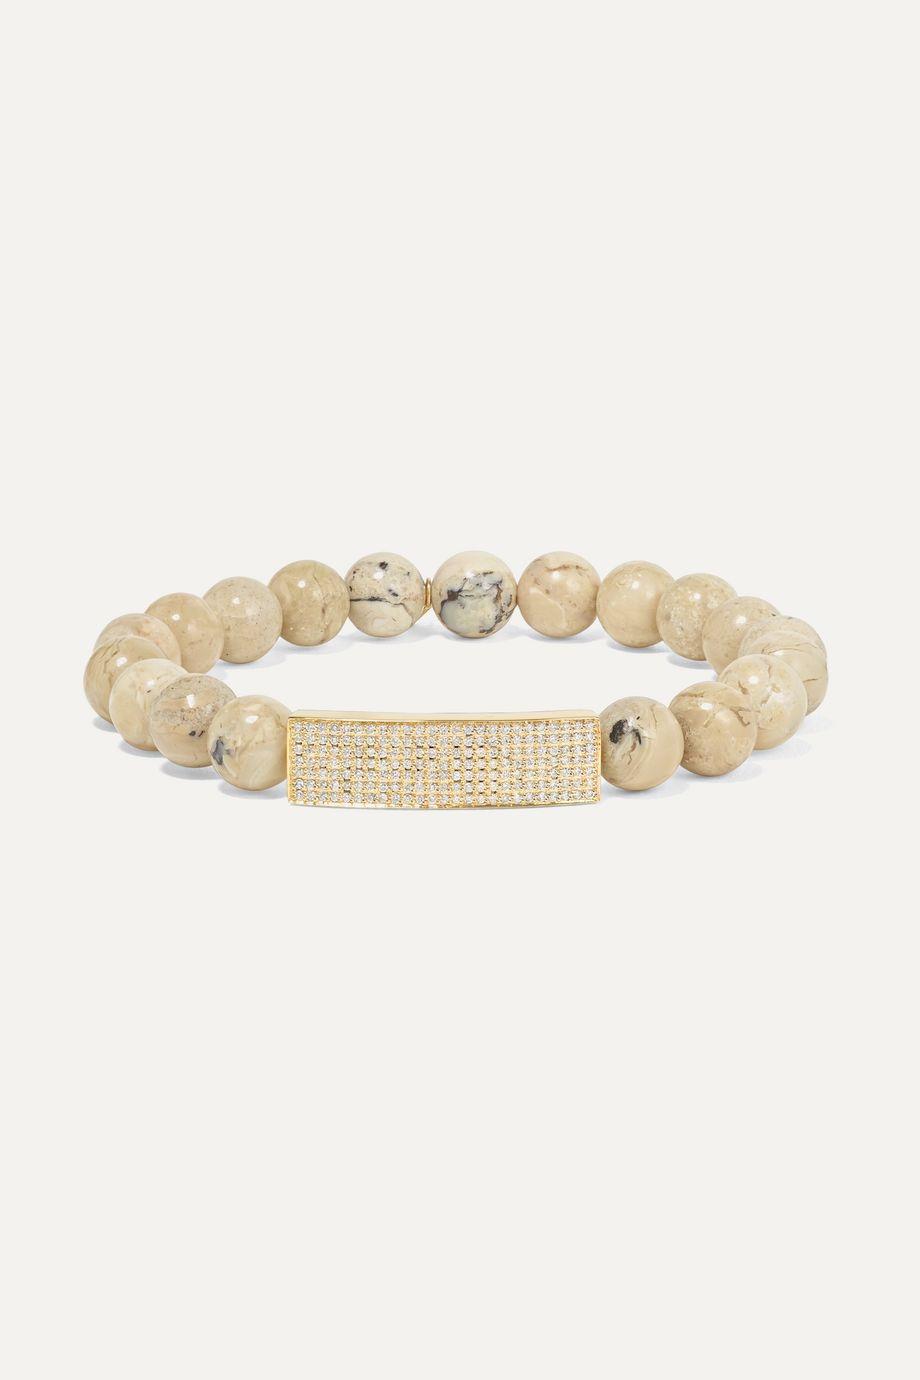 Sydney Evan Bracelet en or 14 carats, opale africaine et diamants